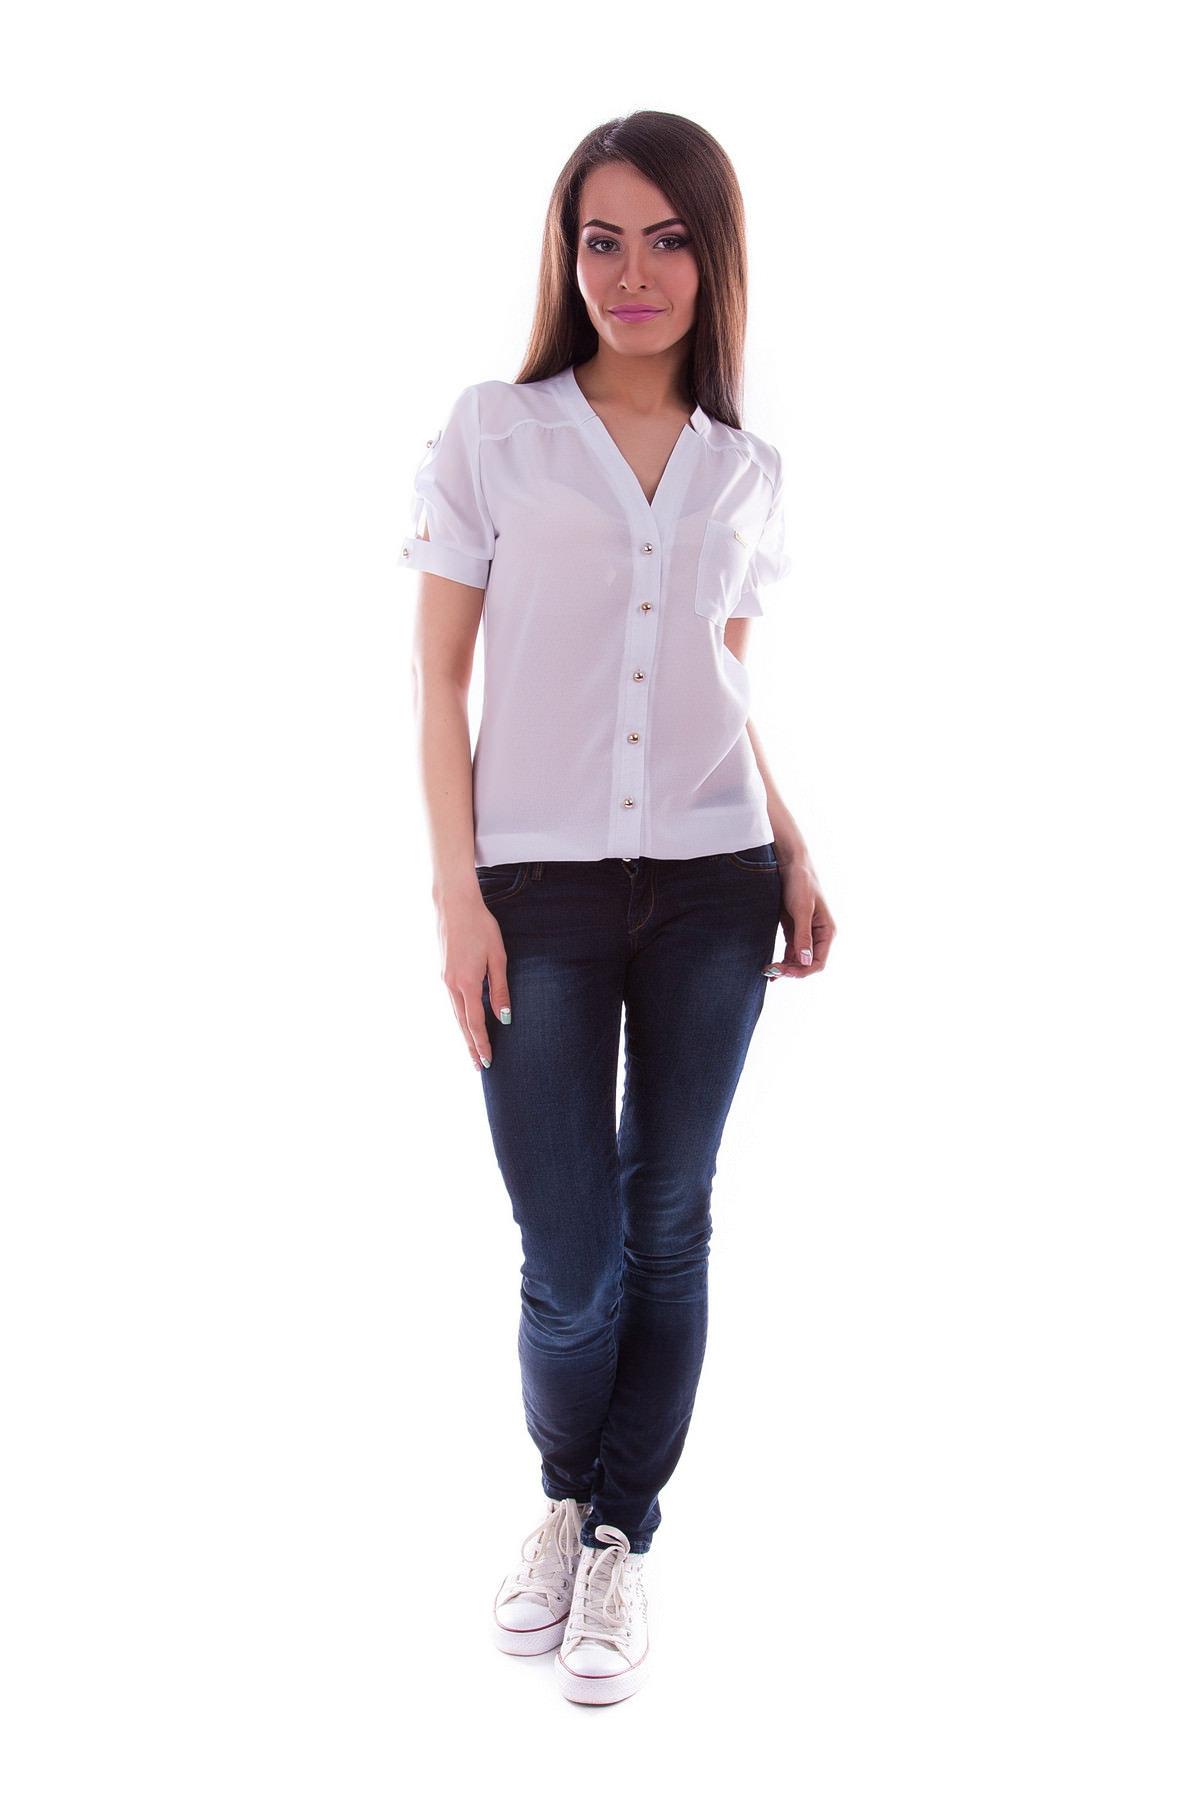 Блузы кофты доставка